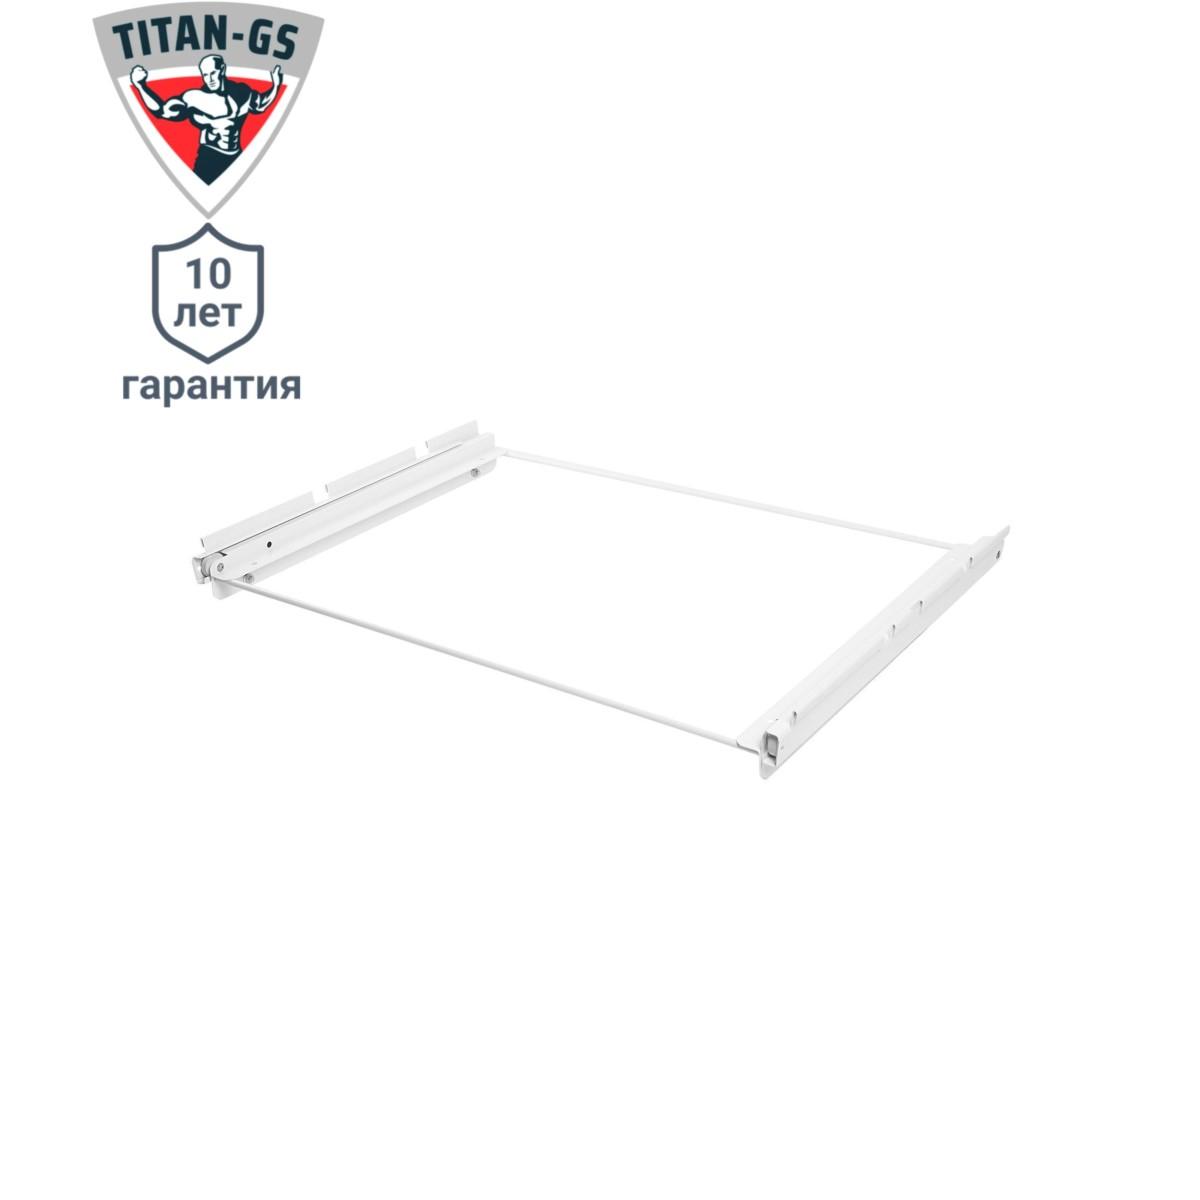 Выдвижная рама для корзины  Титан-GS 603х406 мм цвет белый